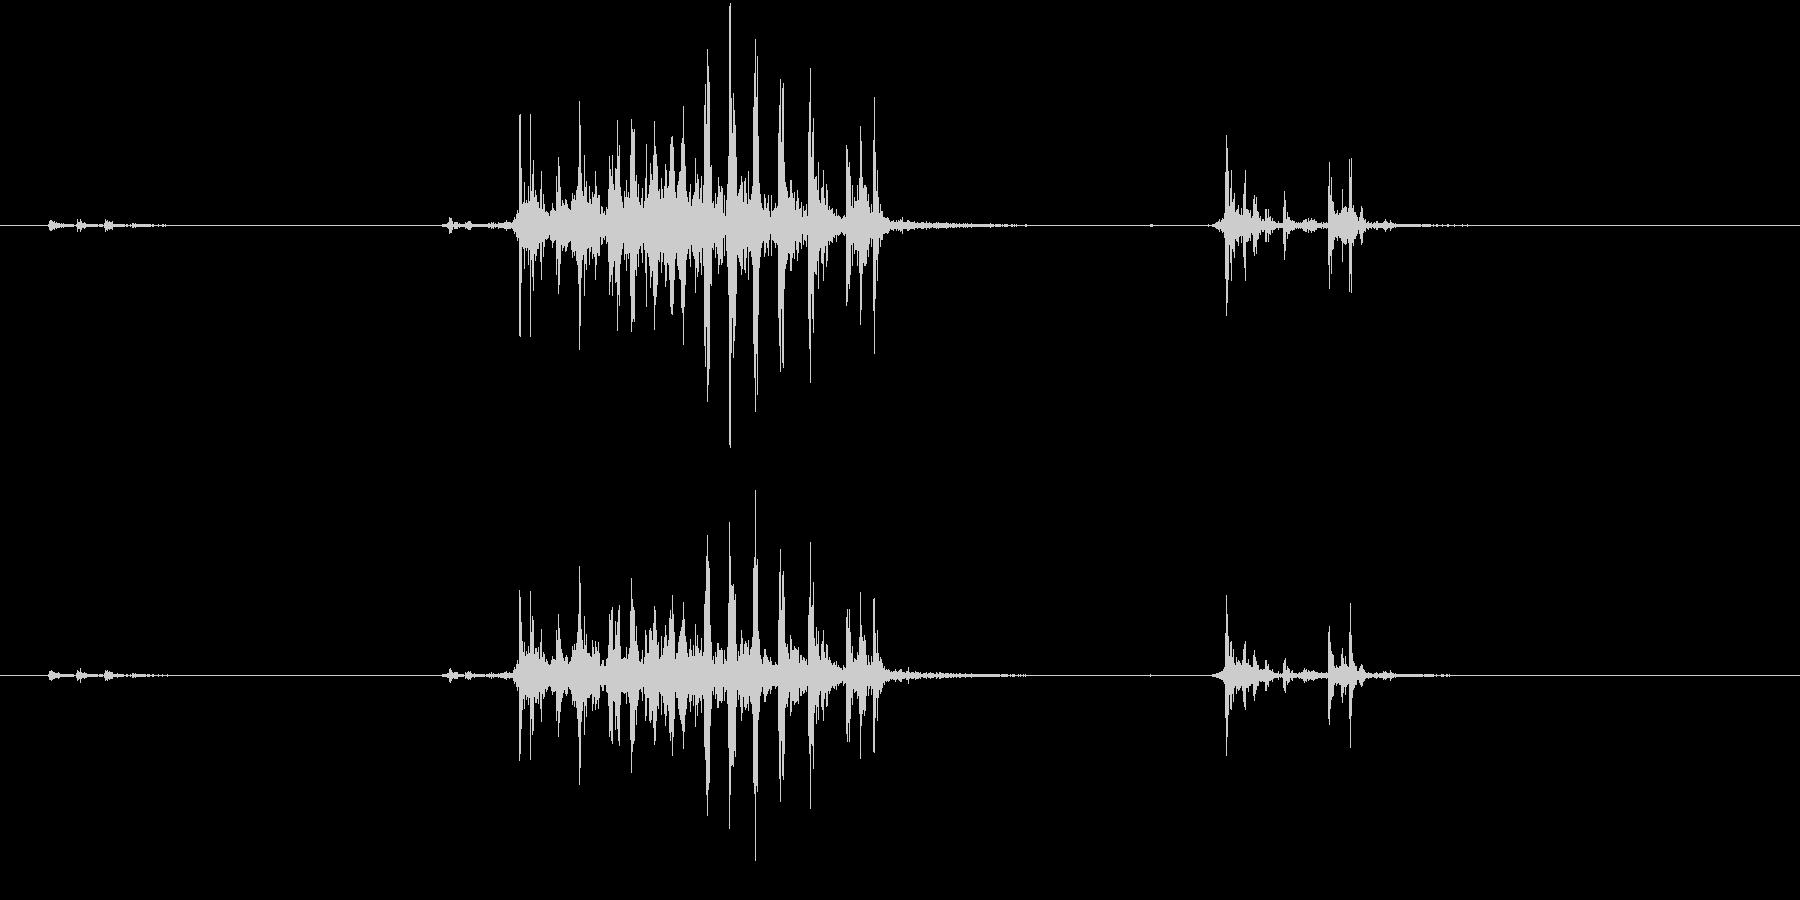 【生録音】カッターナイフの音 12の未再生の波形